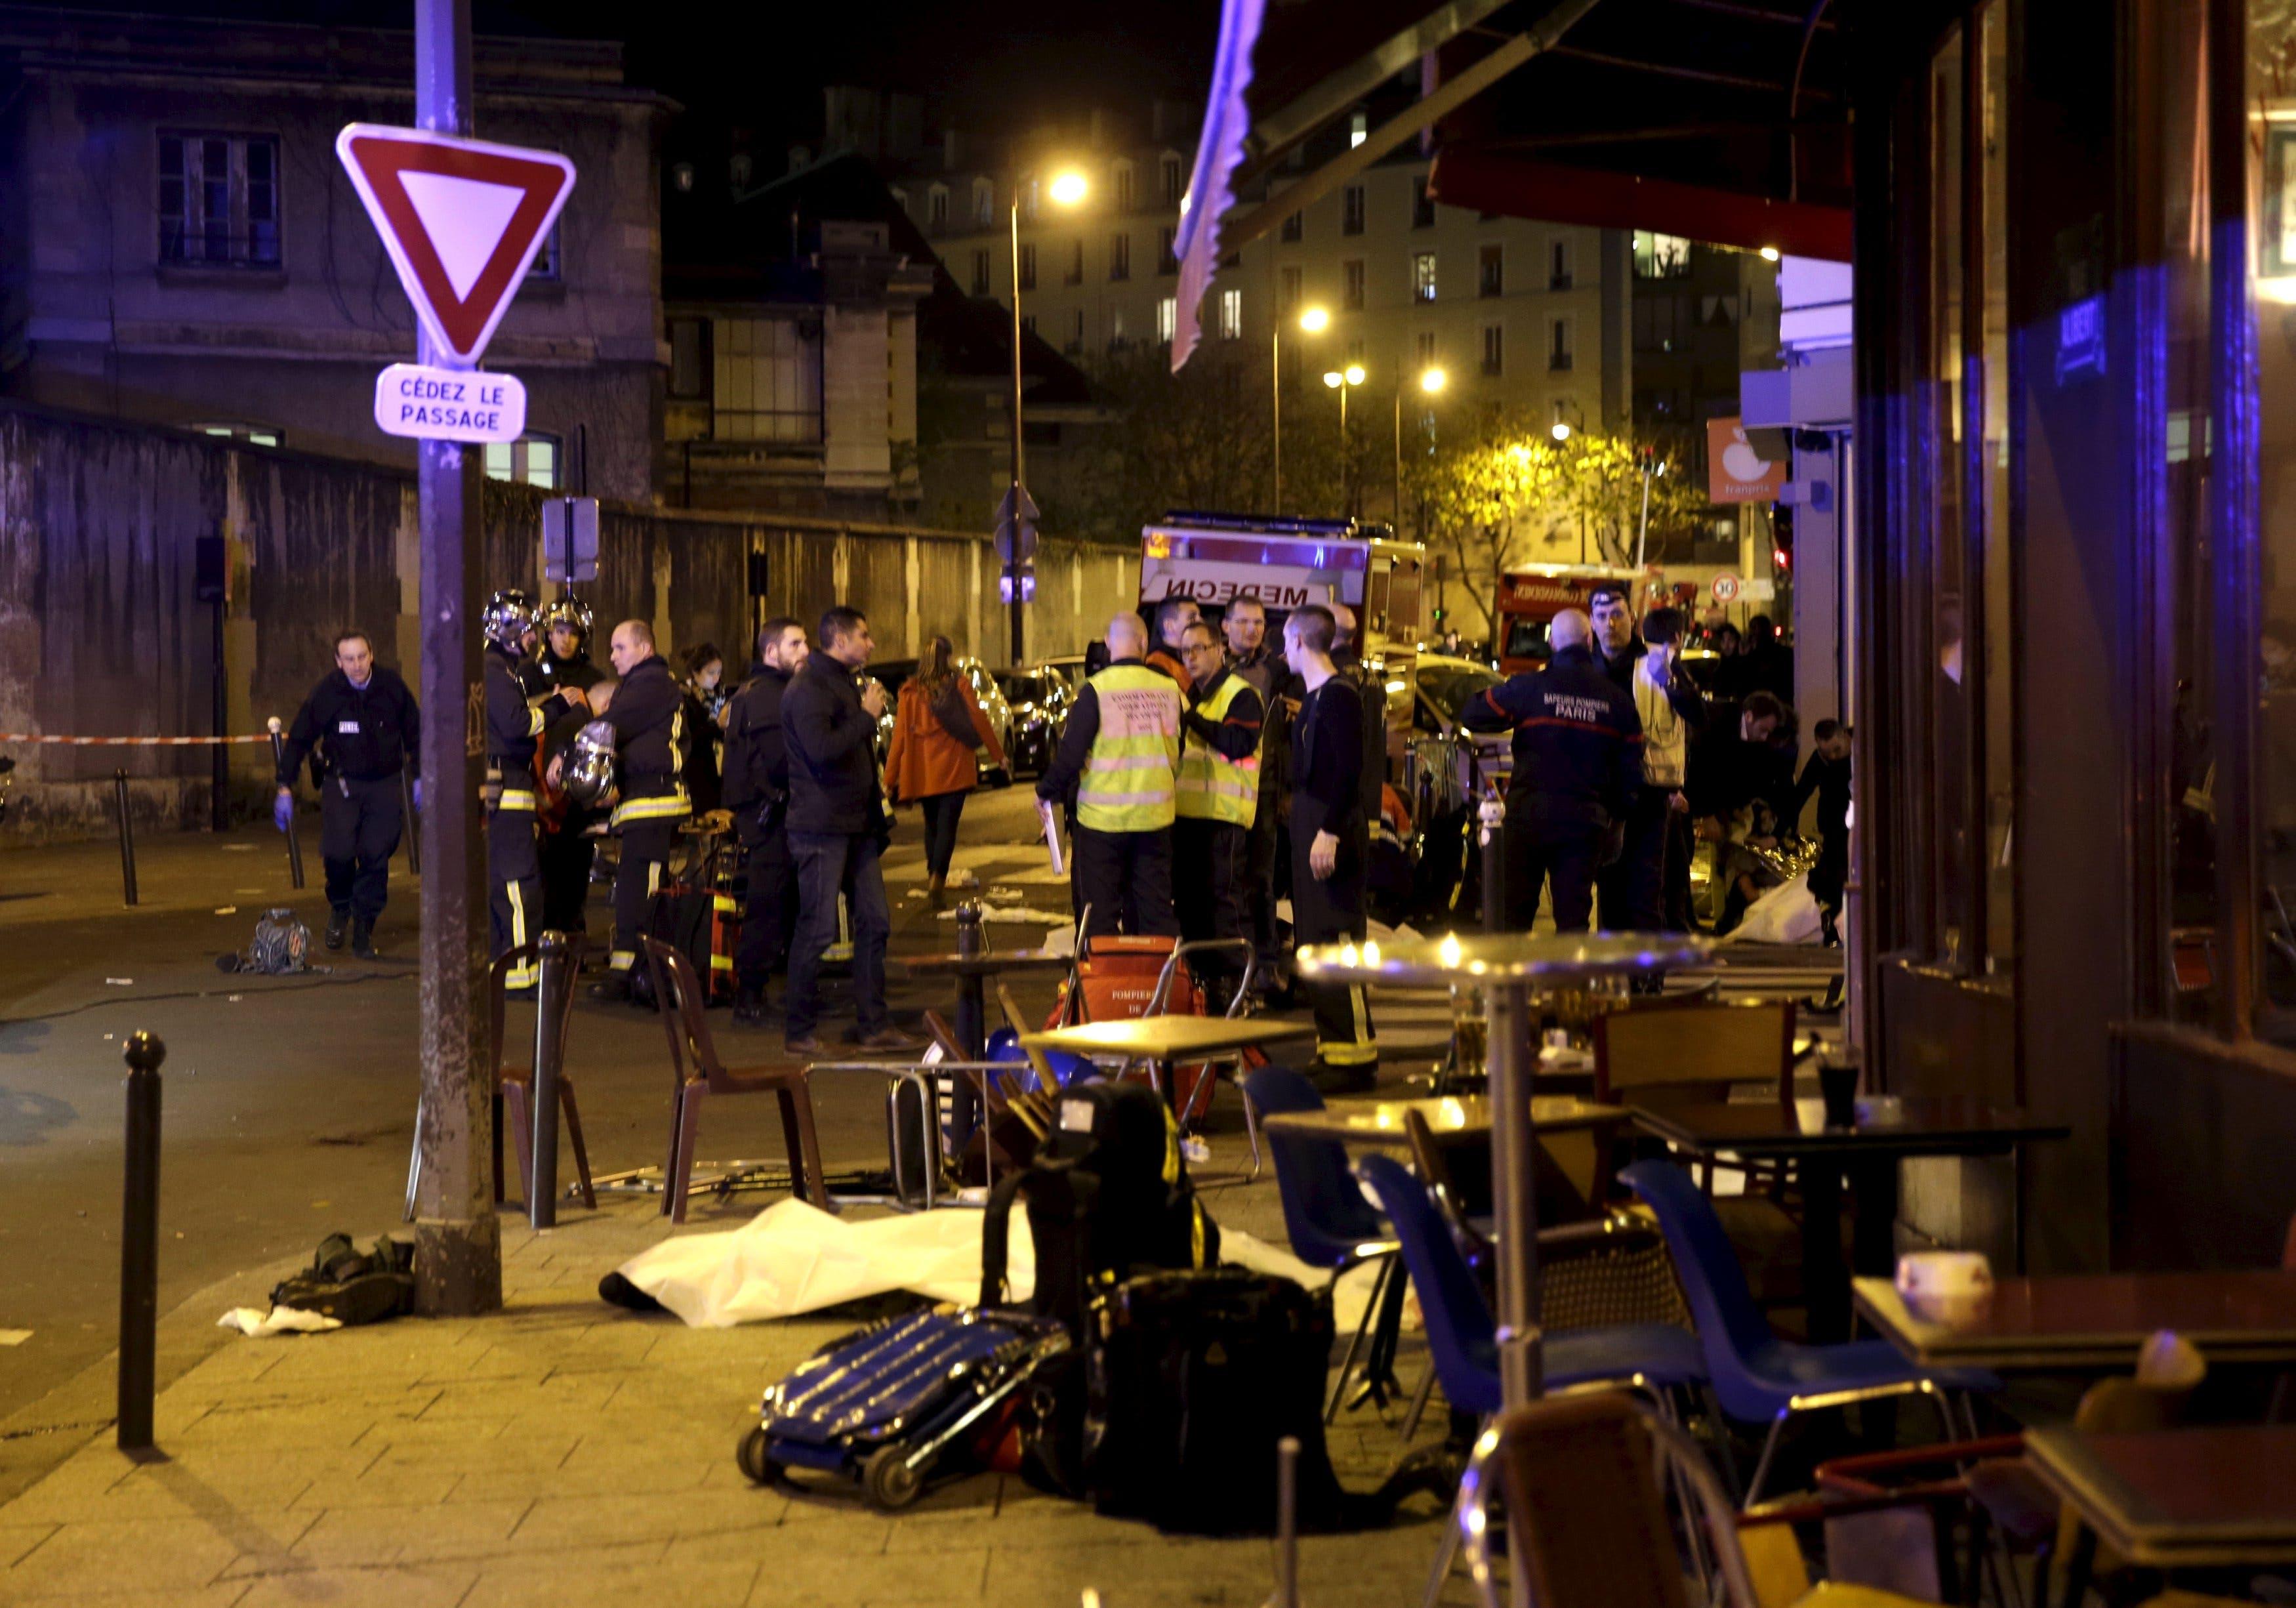 التفجير الذي استهدف المطعم في باريس